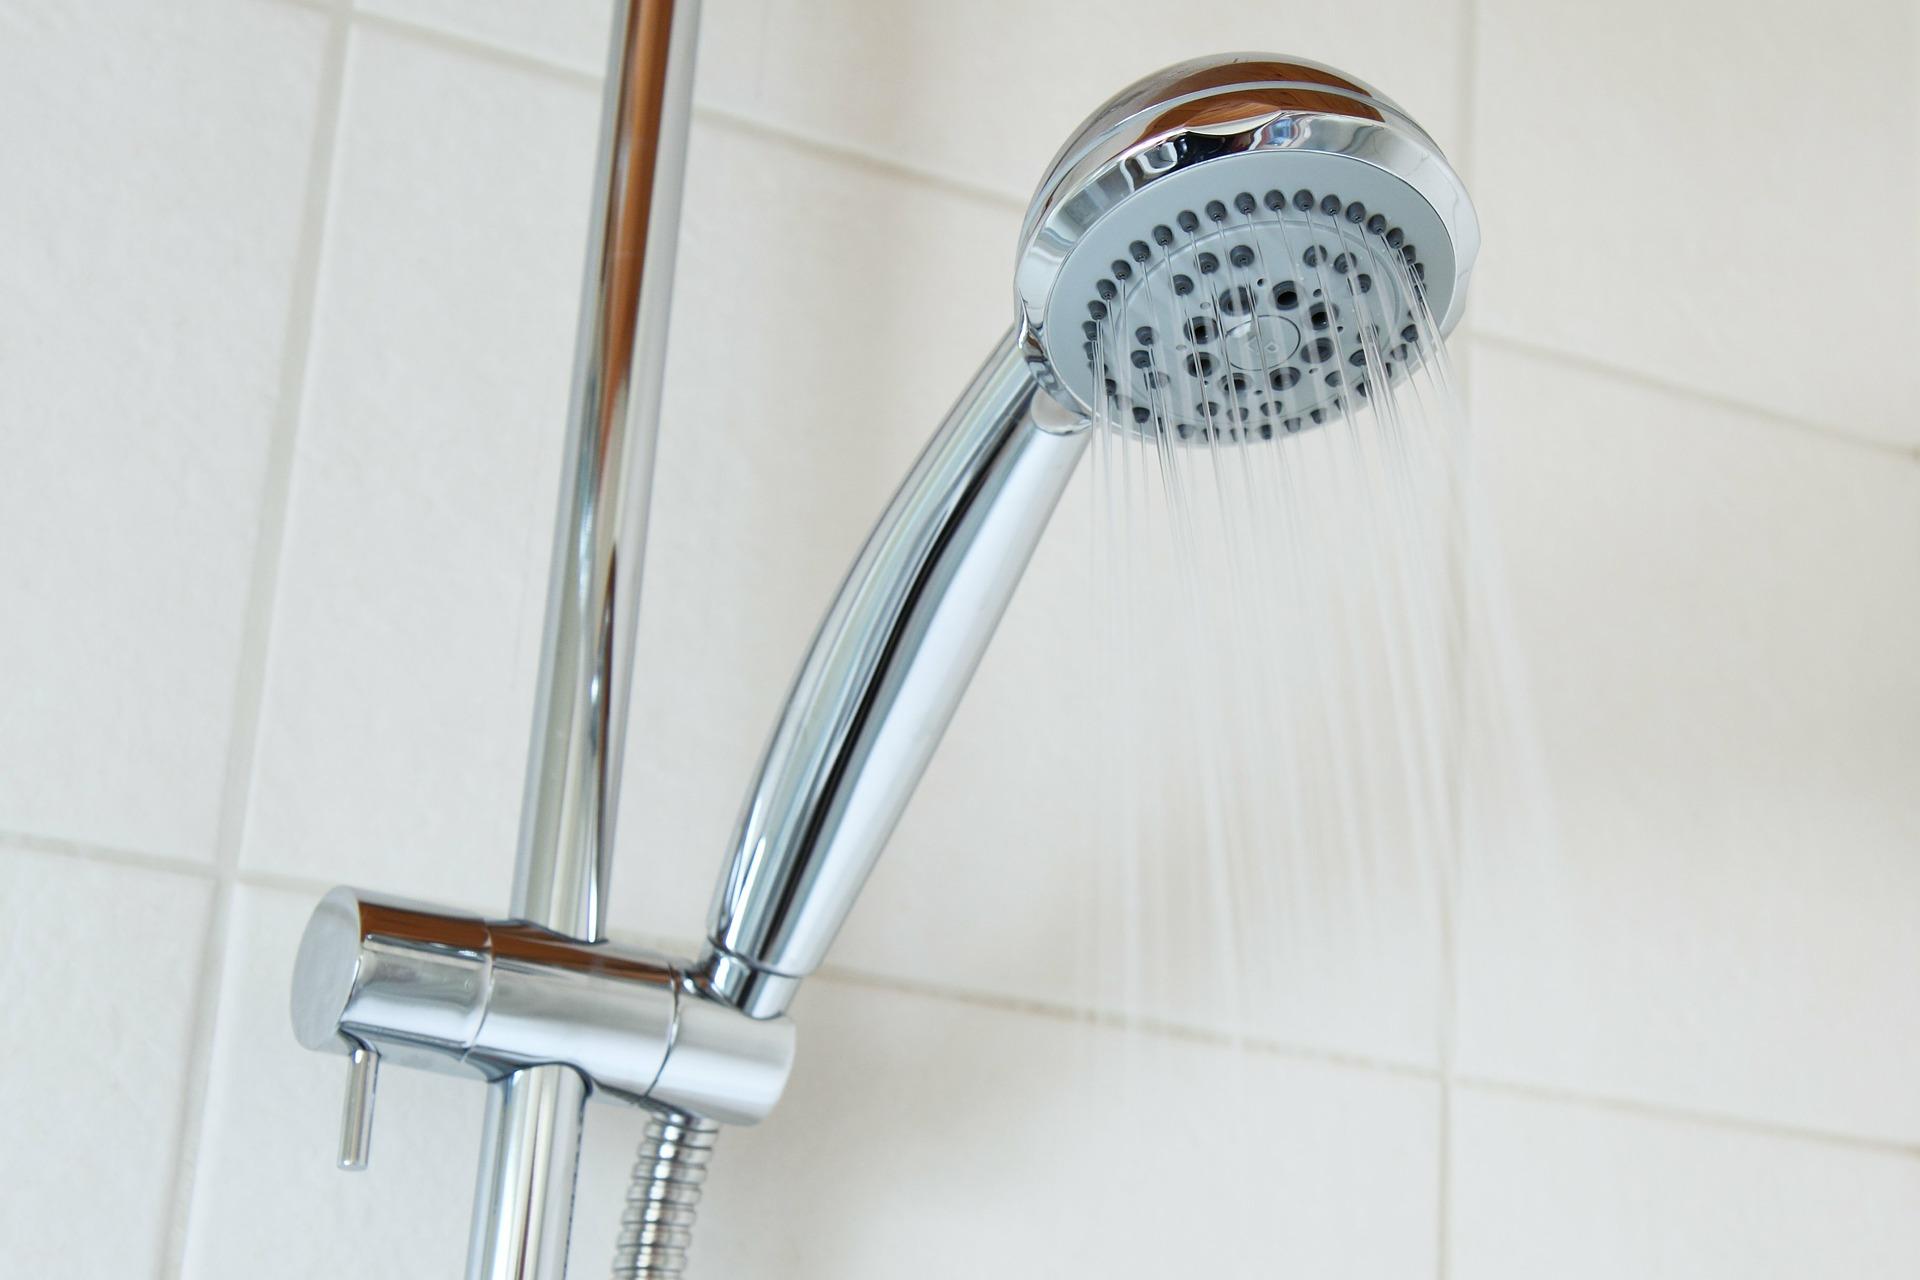 Water leaks run up water bill